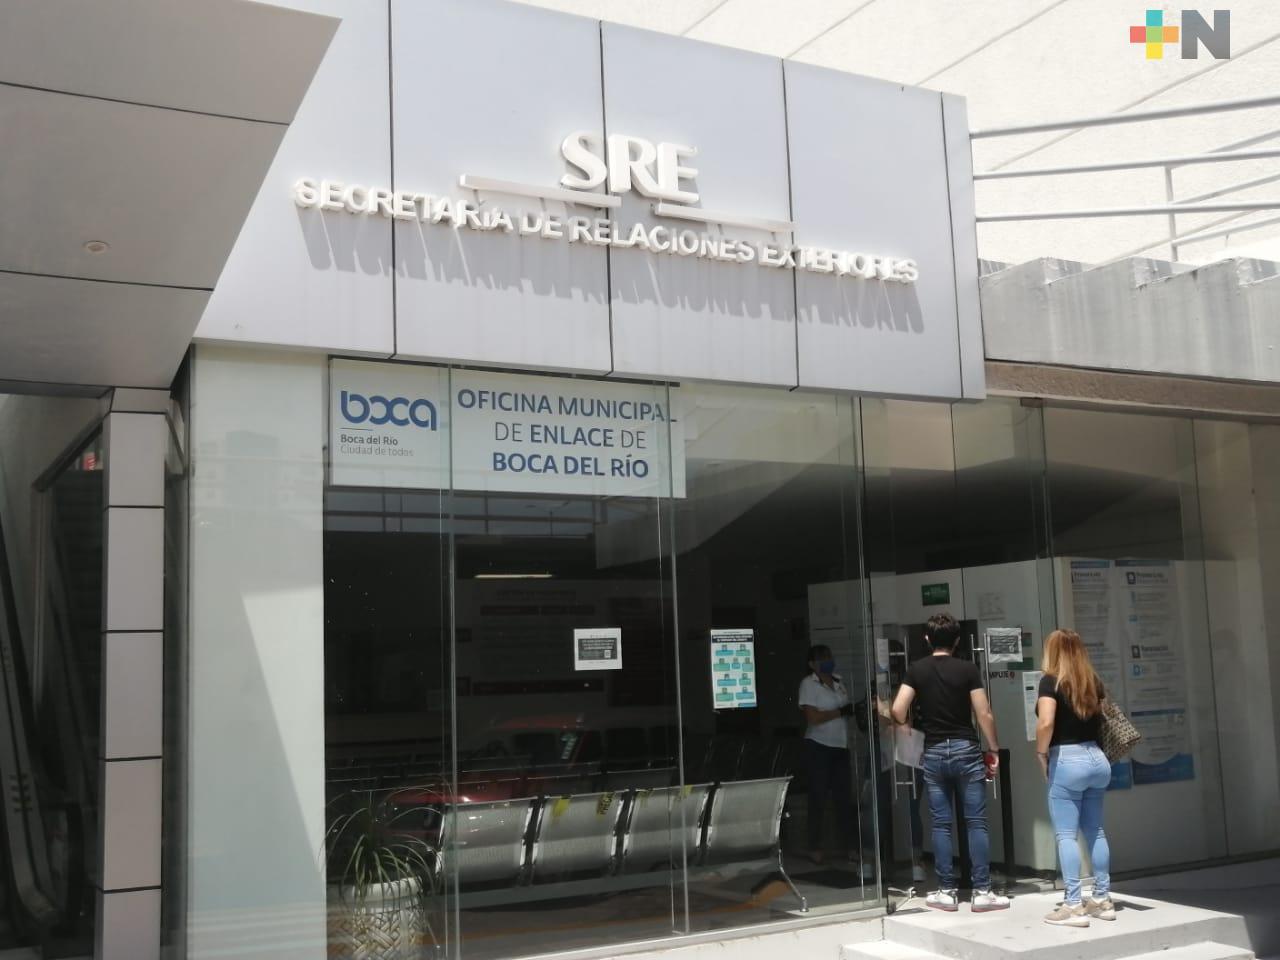 Oficinas de SRE de Boca del Río inicia operaciones